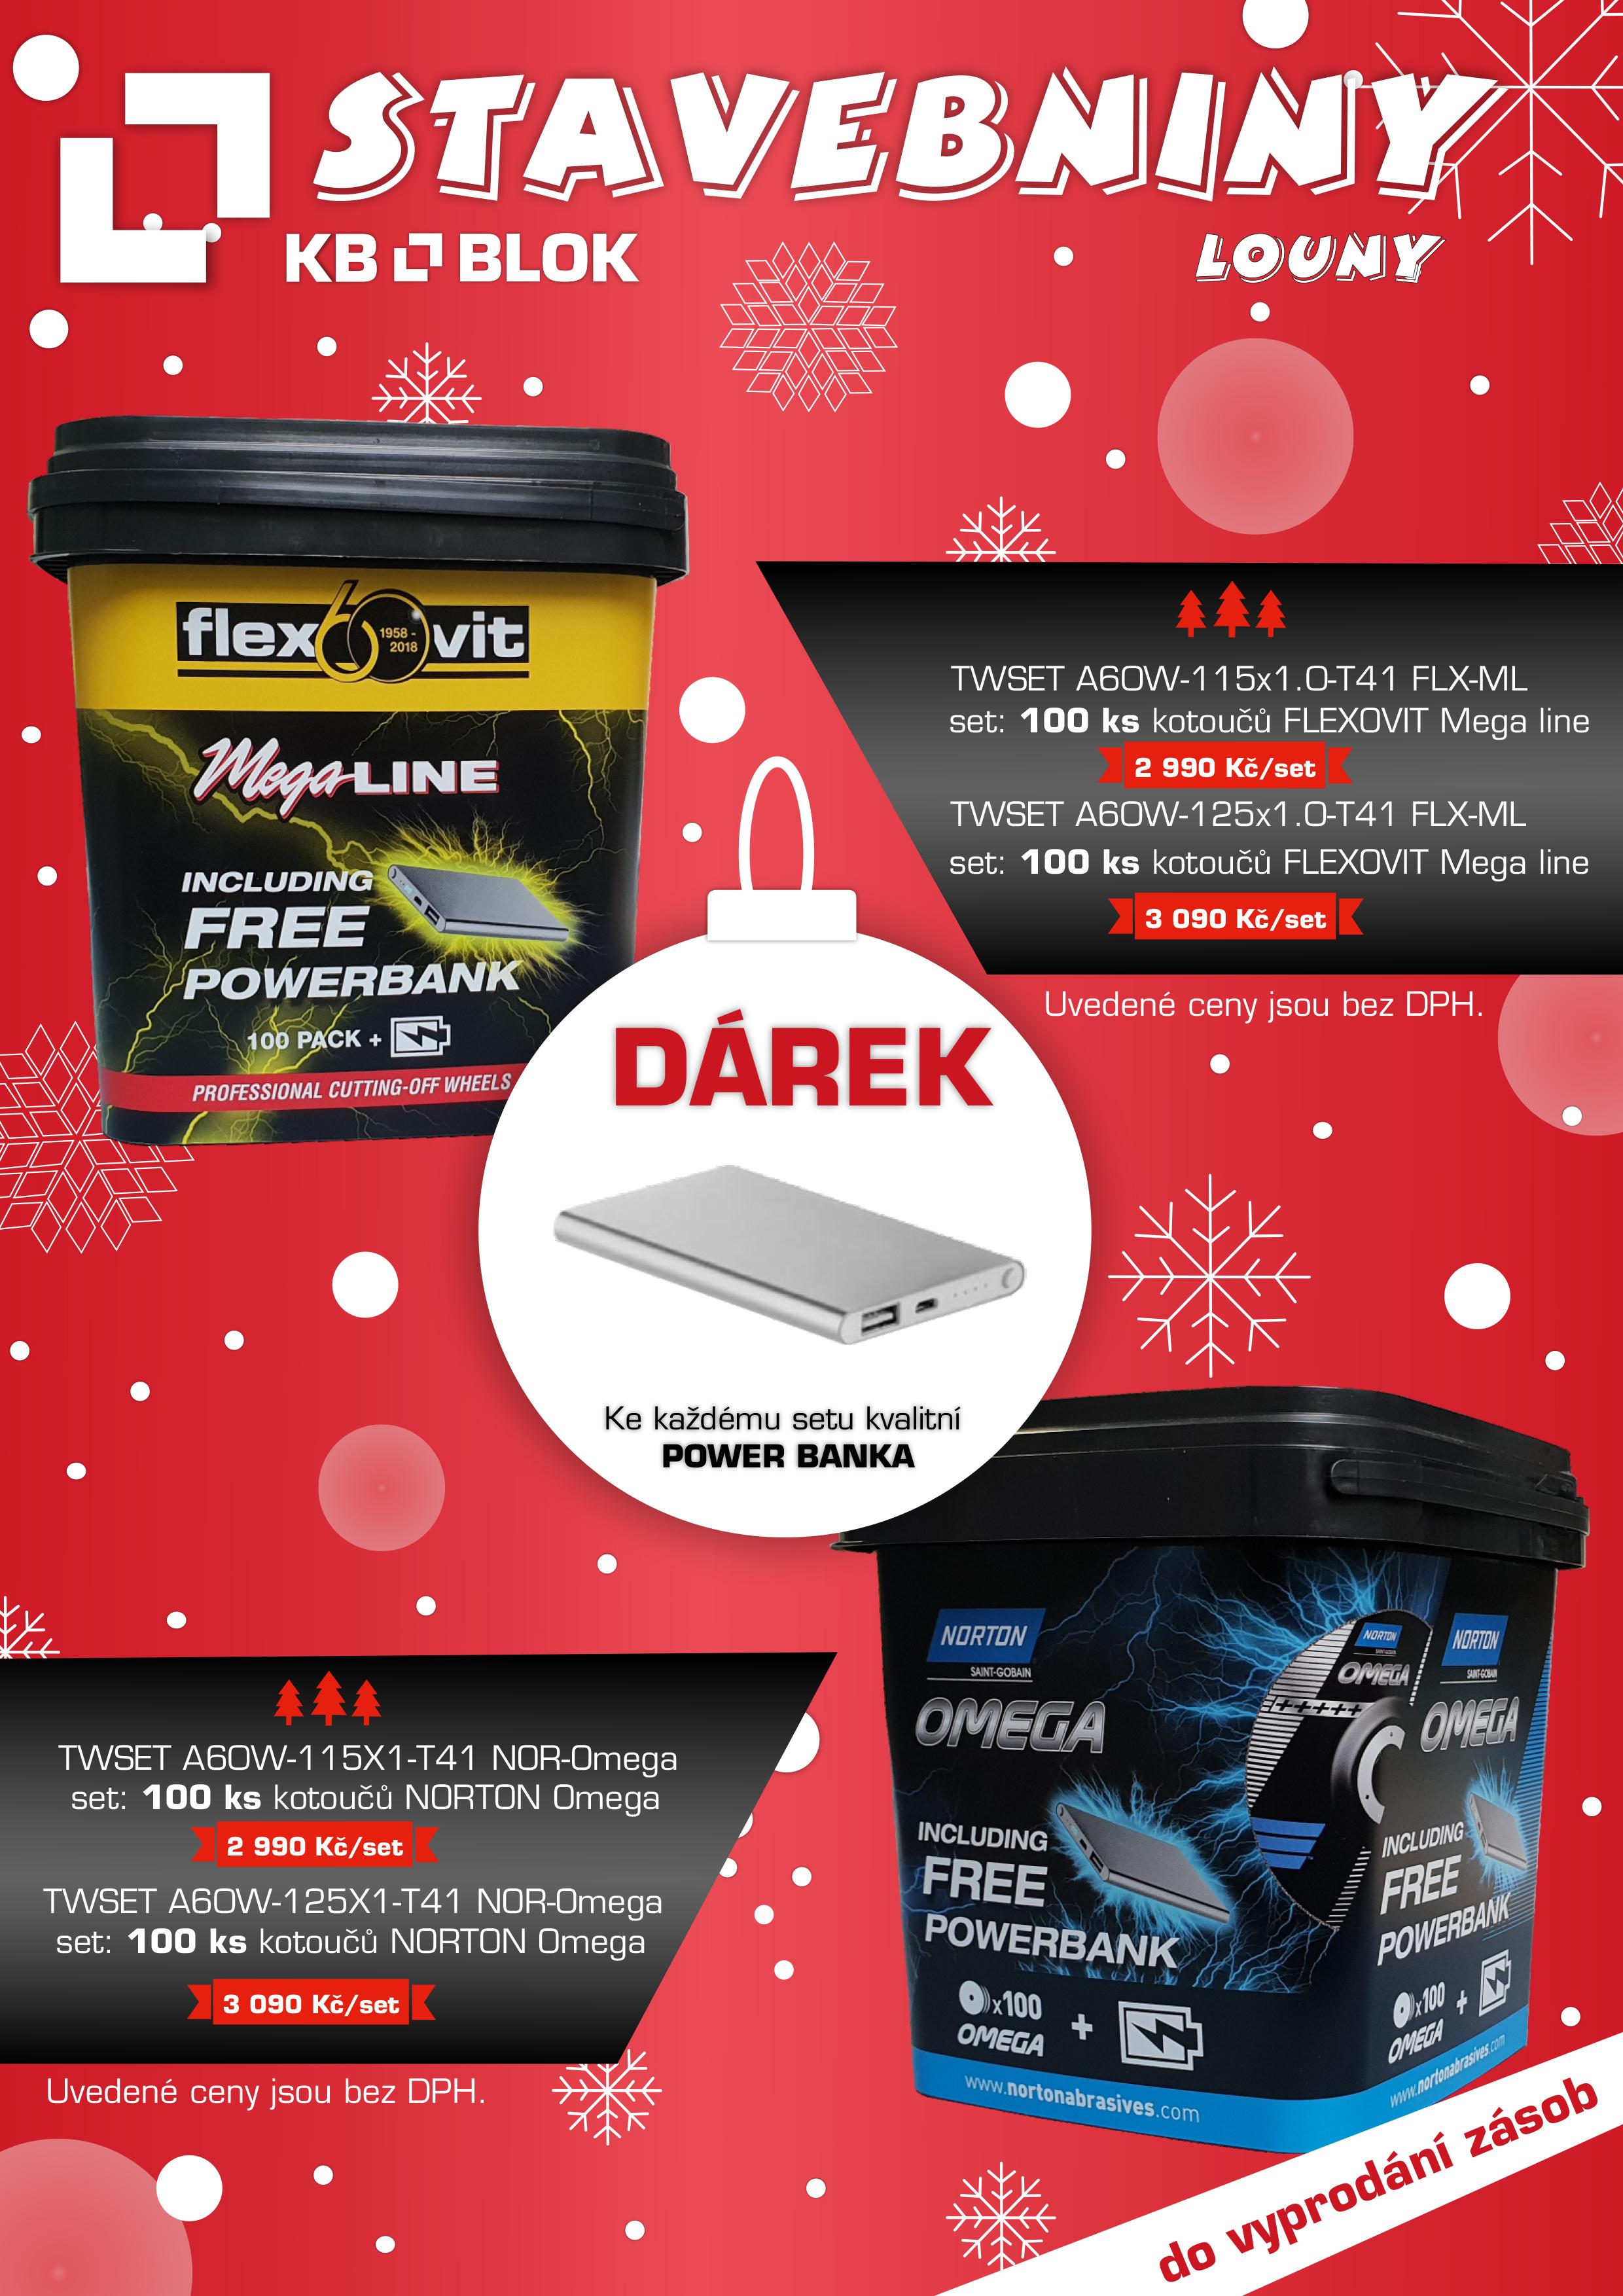 Vánoční nabídka do vyprodání zásob